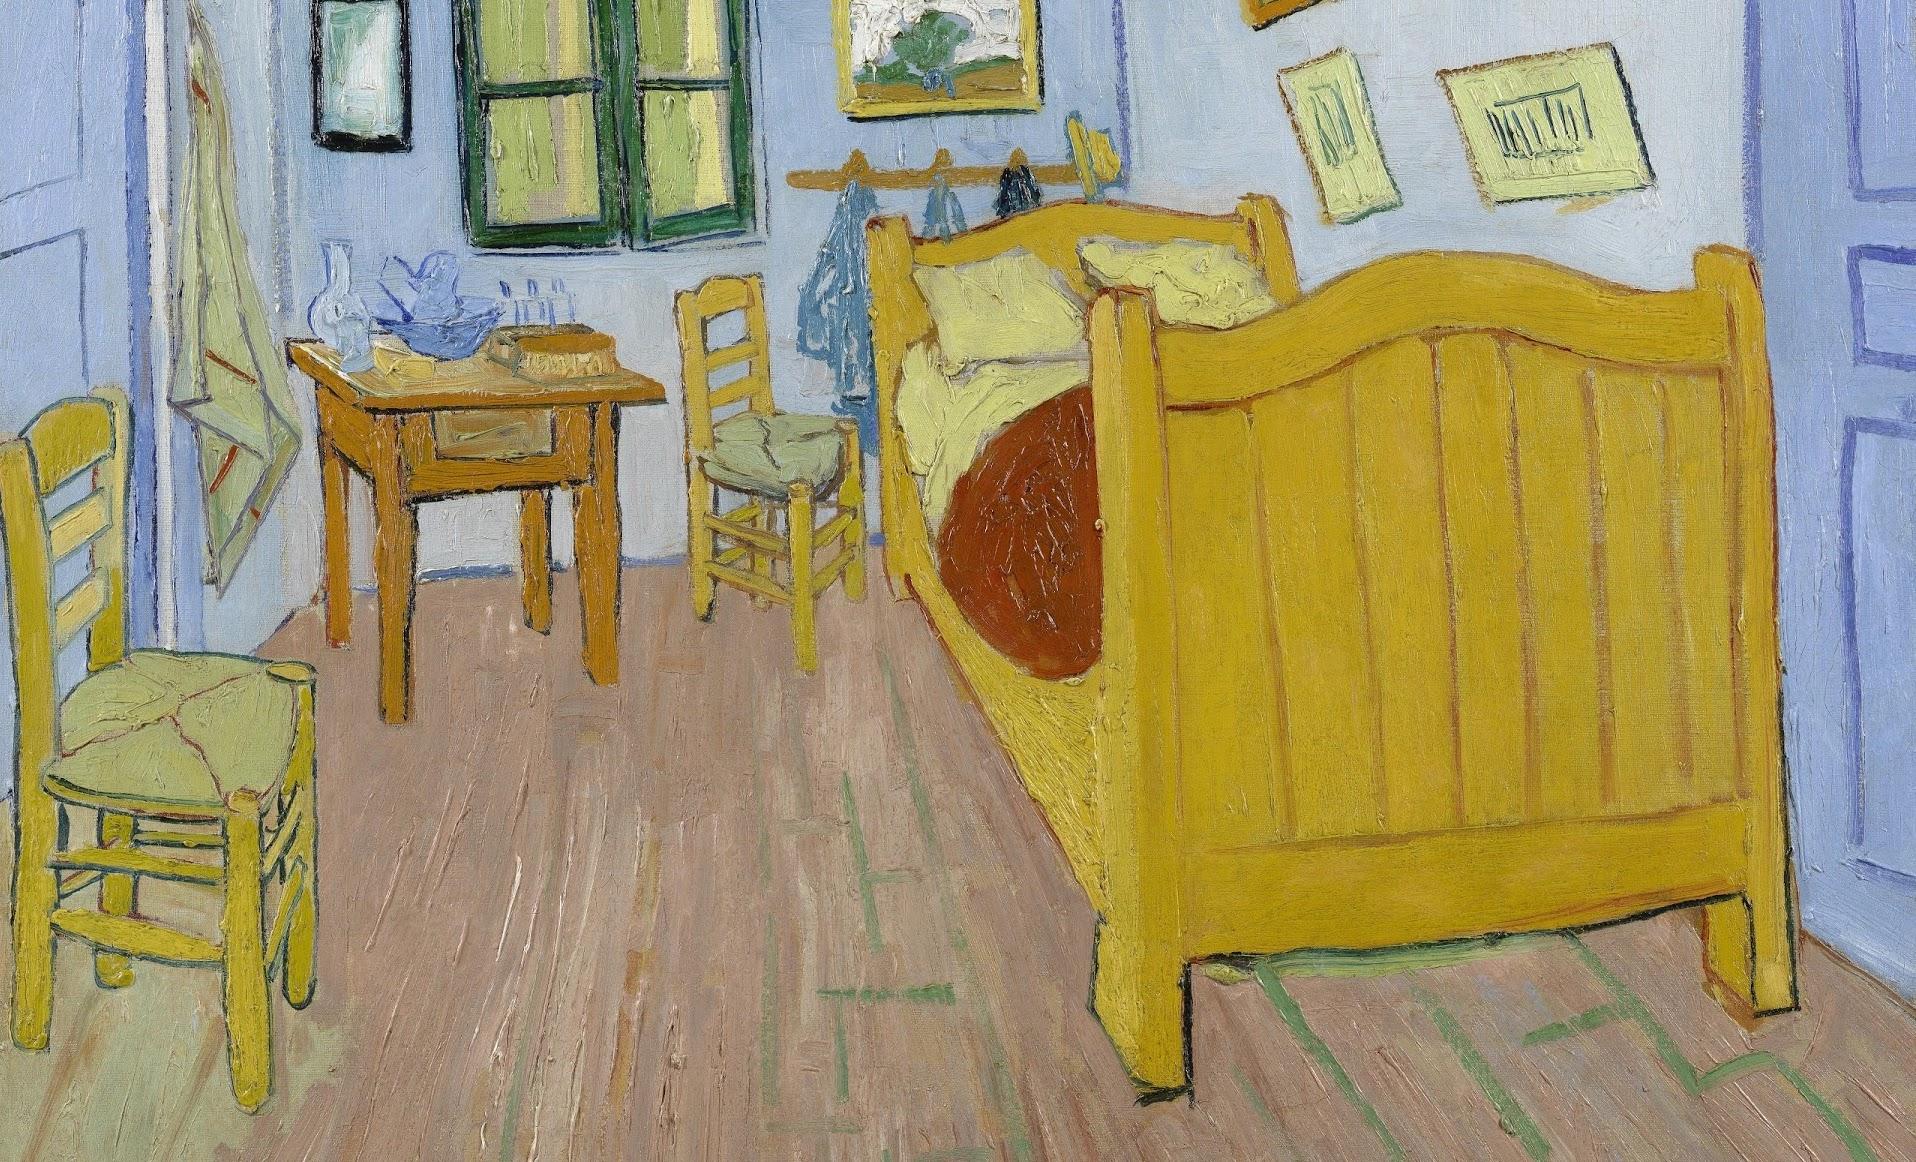 El Museo van Gogh pone toda la obra del artista en línea